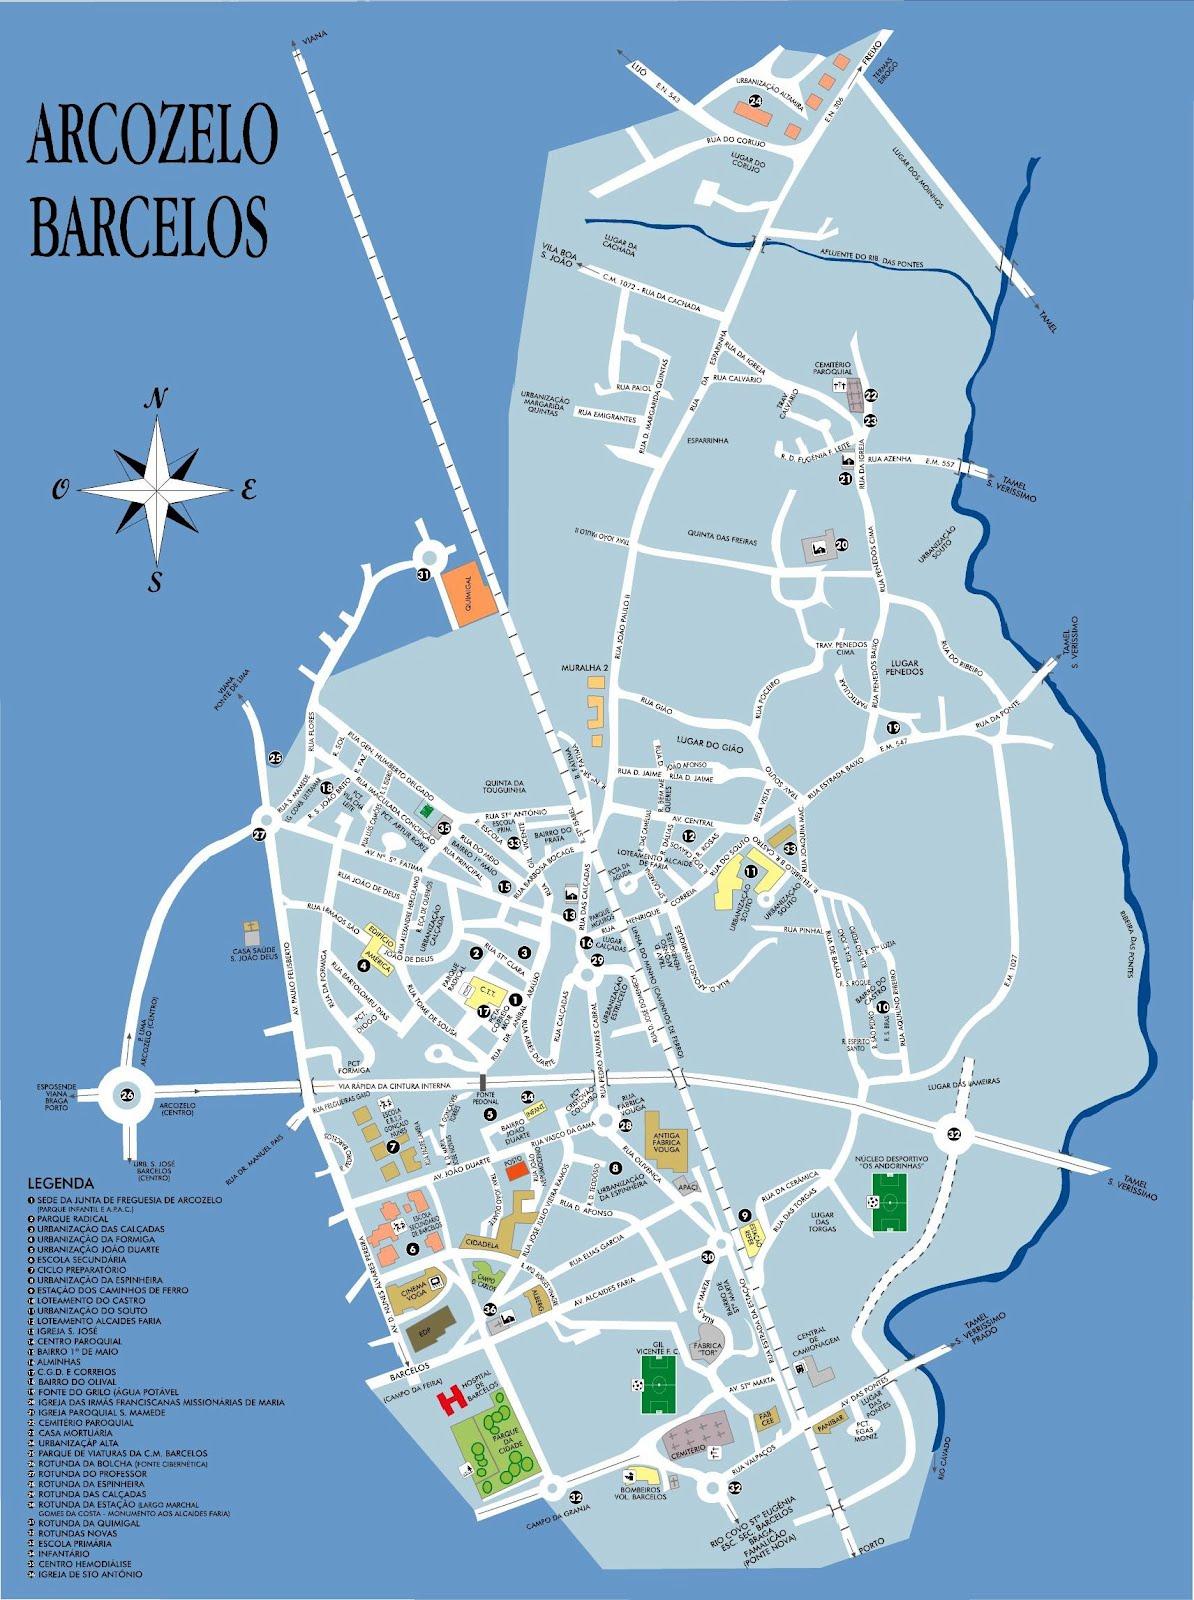 mapa arcozelo barcelos Arcozelo em Movimento: IGREJA PAROQUIAL mapa arcozelo barcelos